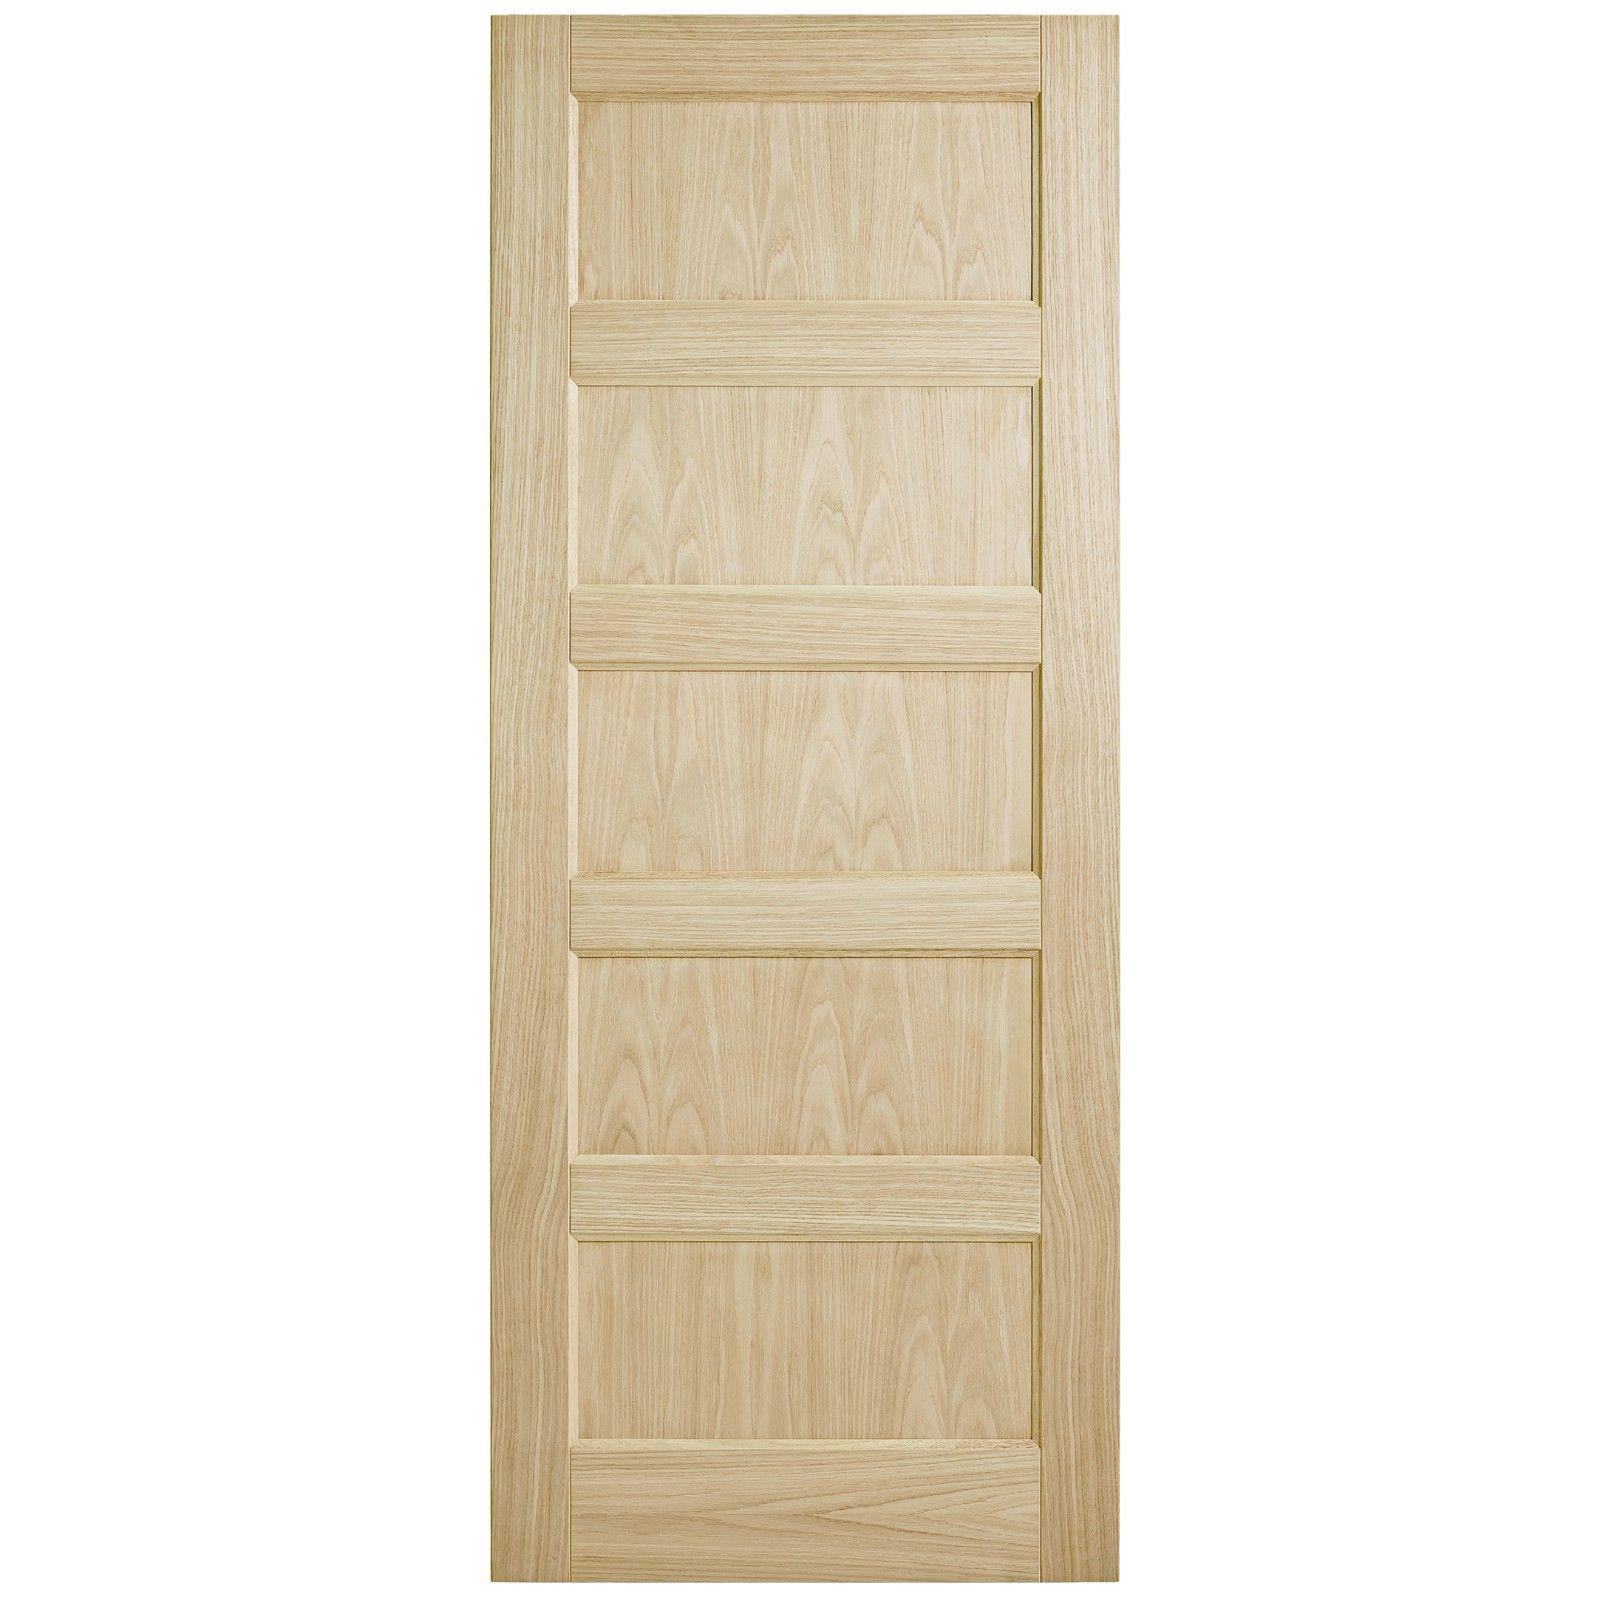 Corinthian Doors 820 X 2040 X 40mm Blonde Oak Awo 5 Entrance Door Entrance Doors Cavity Sliding Doors Installing French Doors